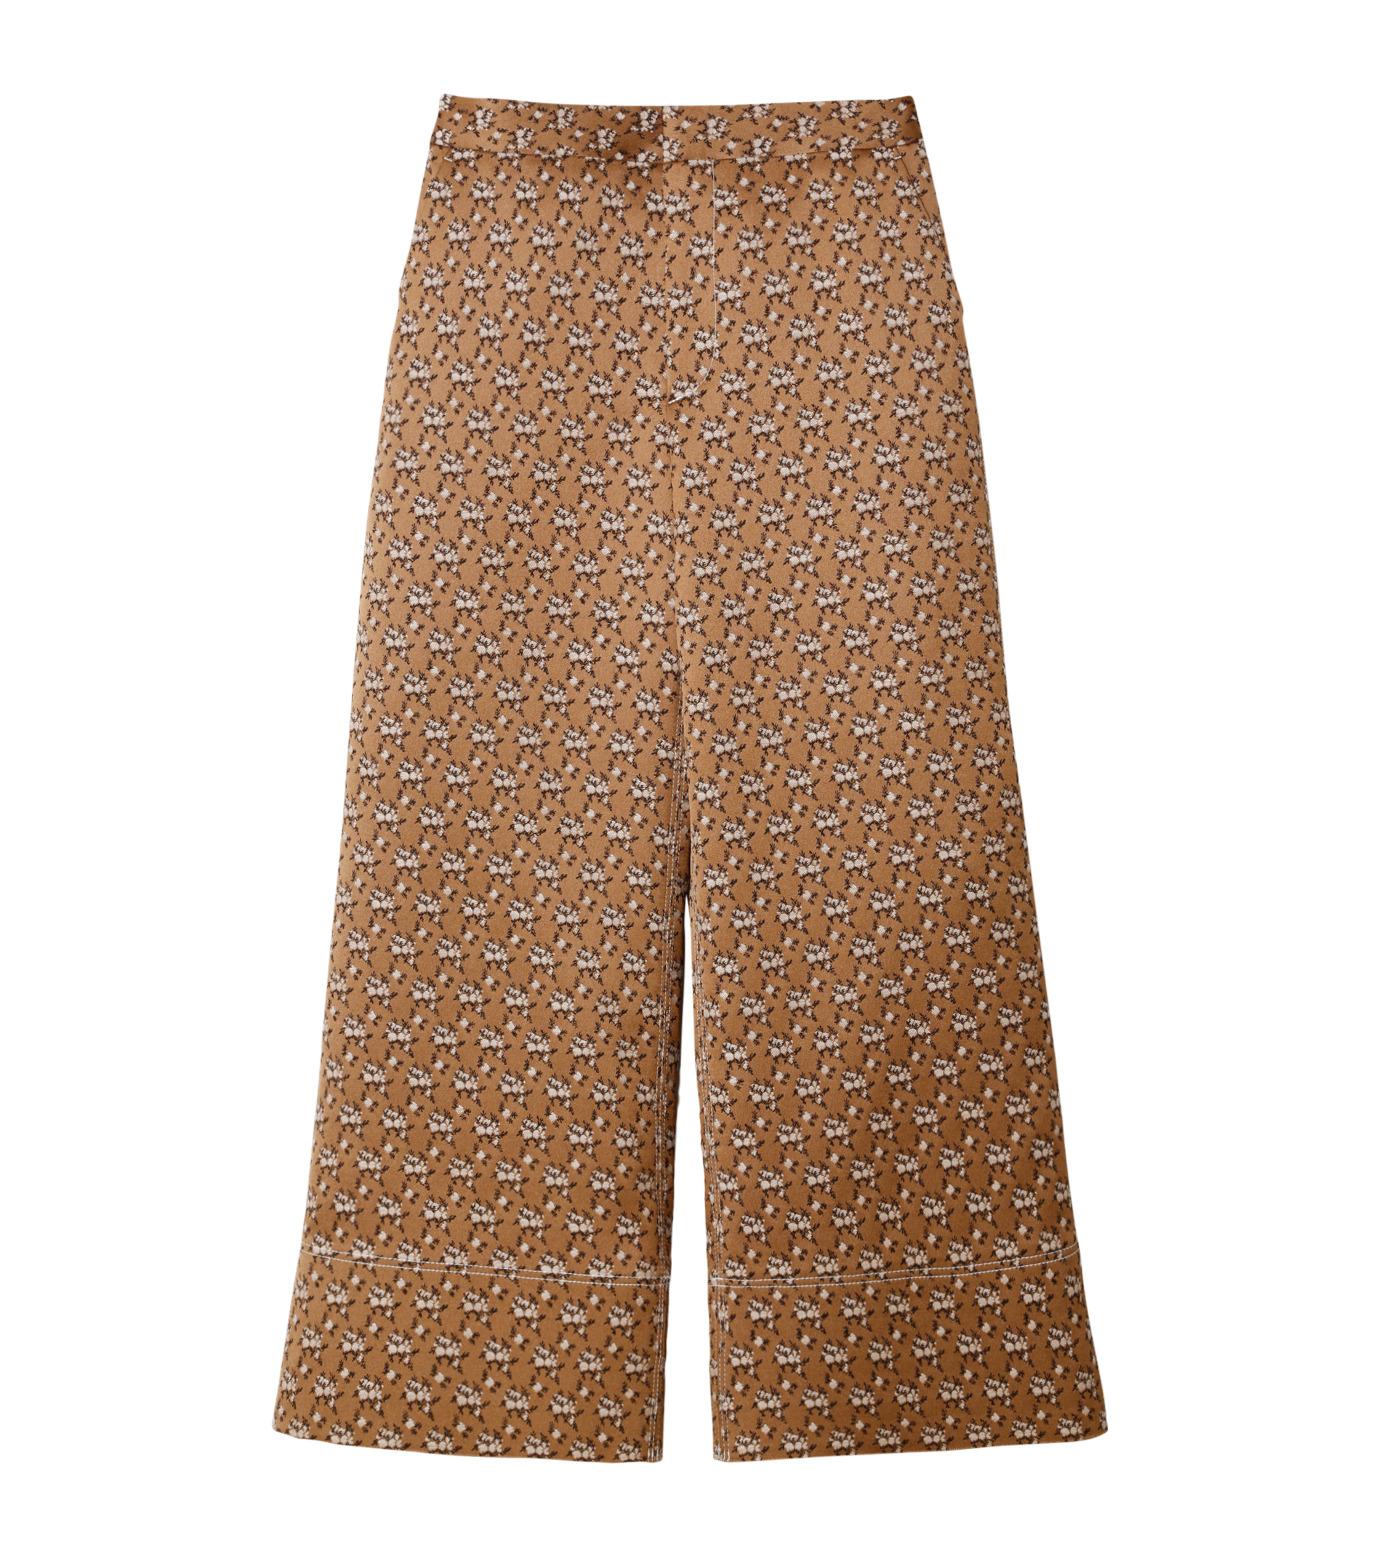 IRENE(アイレネ)のフラワーサテンパンツ-BROWN(パンツ/pants)-19S88001 拡大詳細画像6